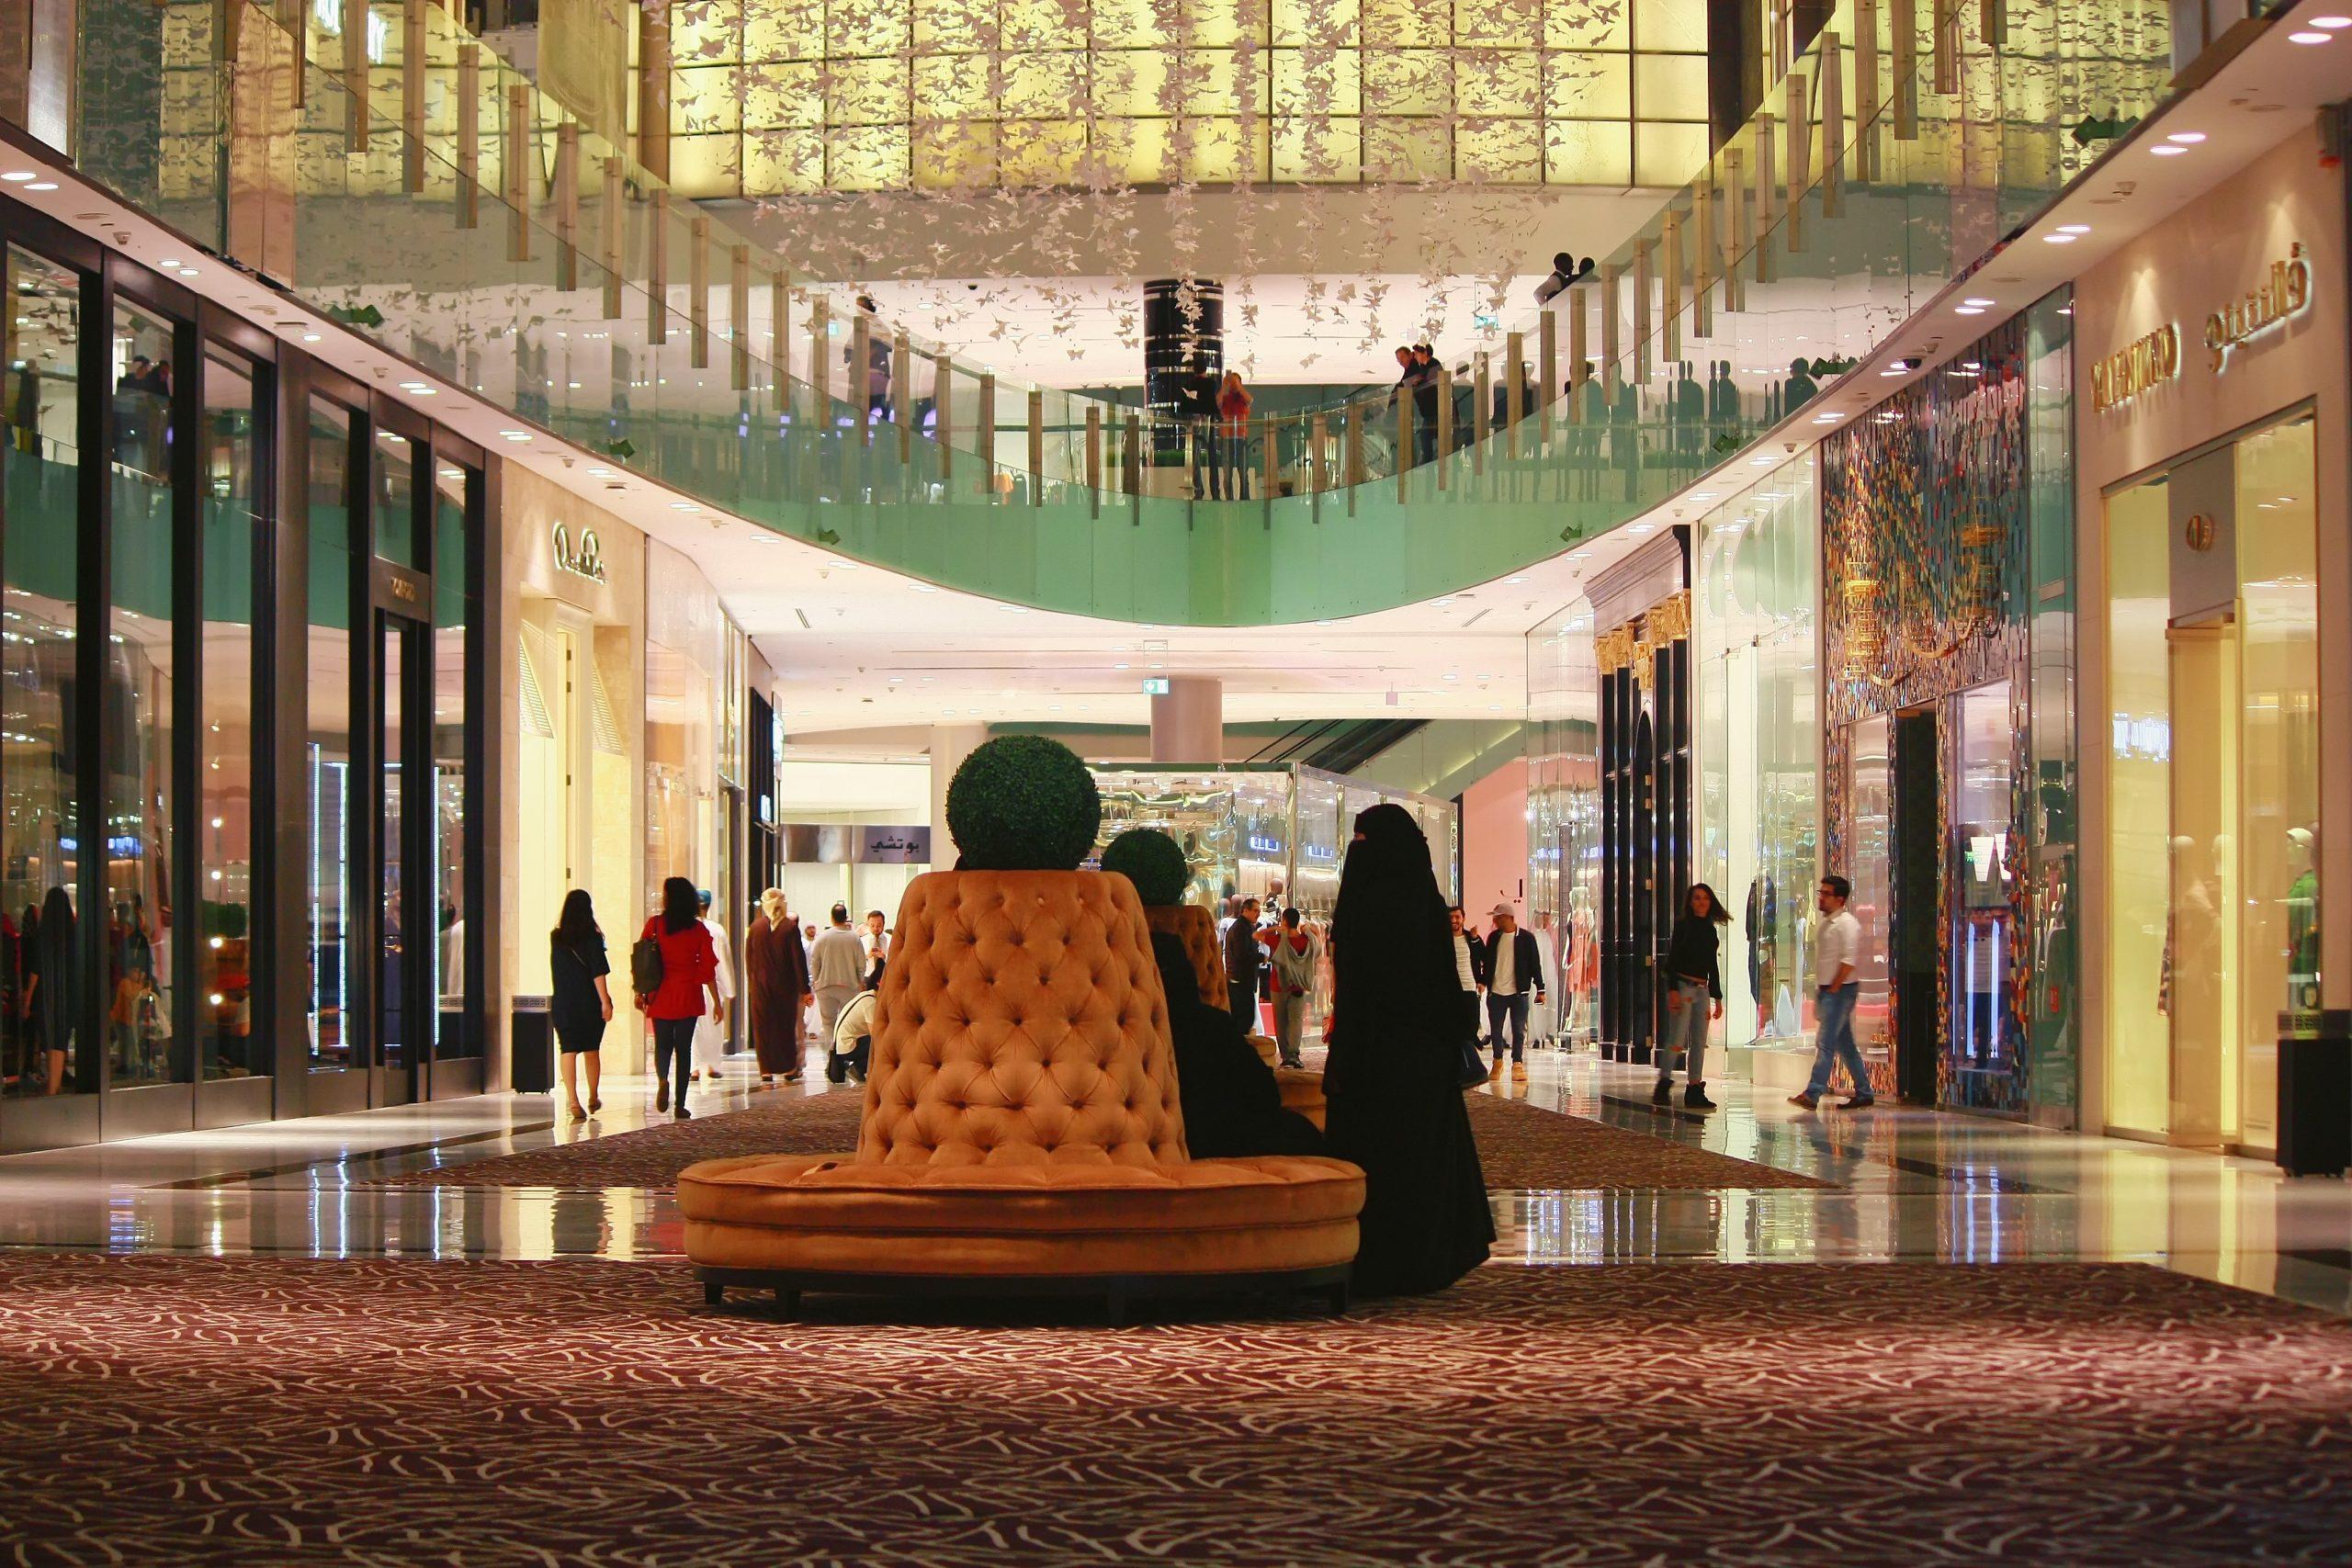 Dubai Mall. Photo by Iwona Castiello d'Antonio